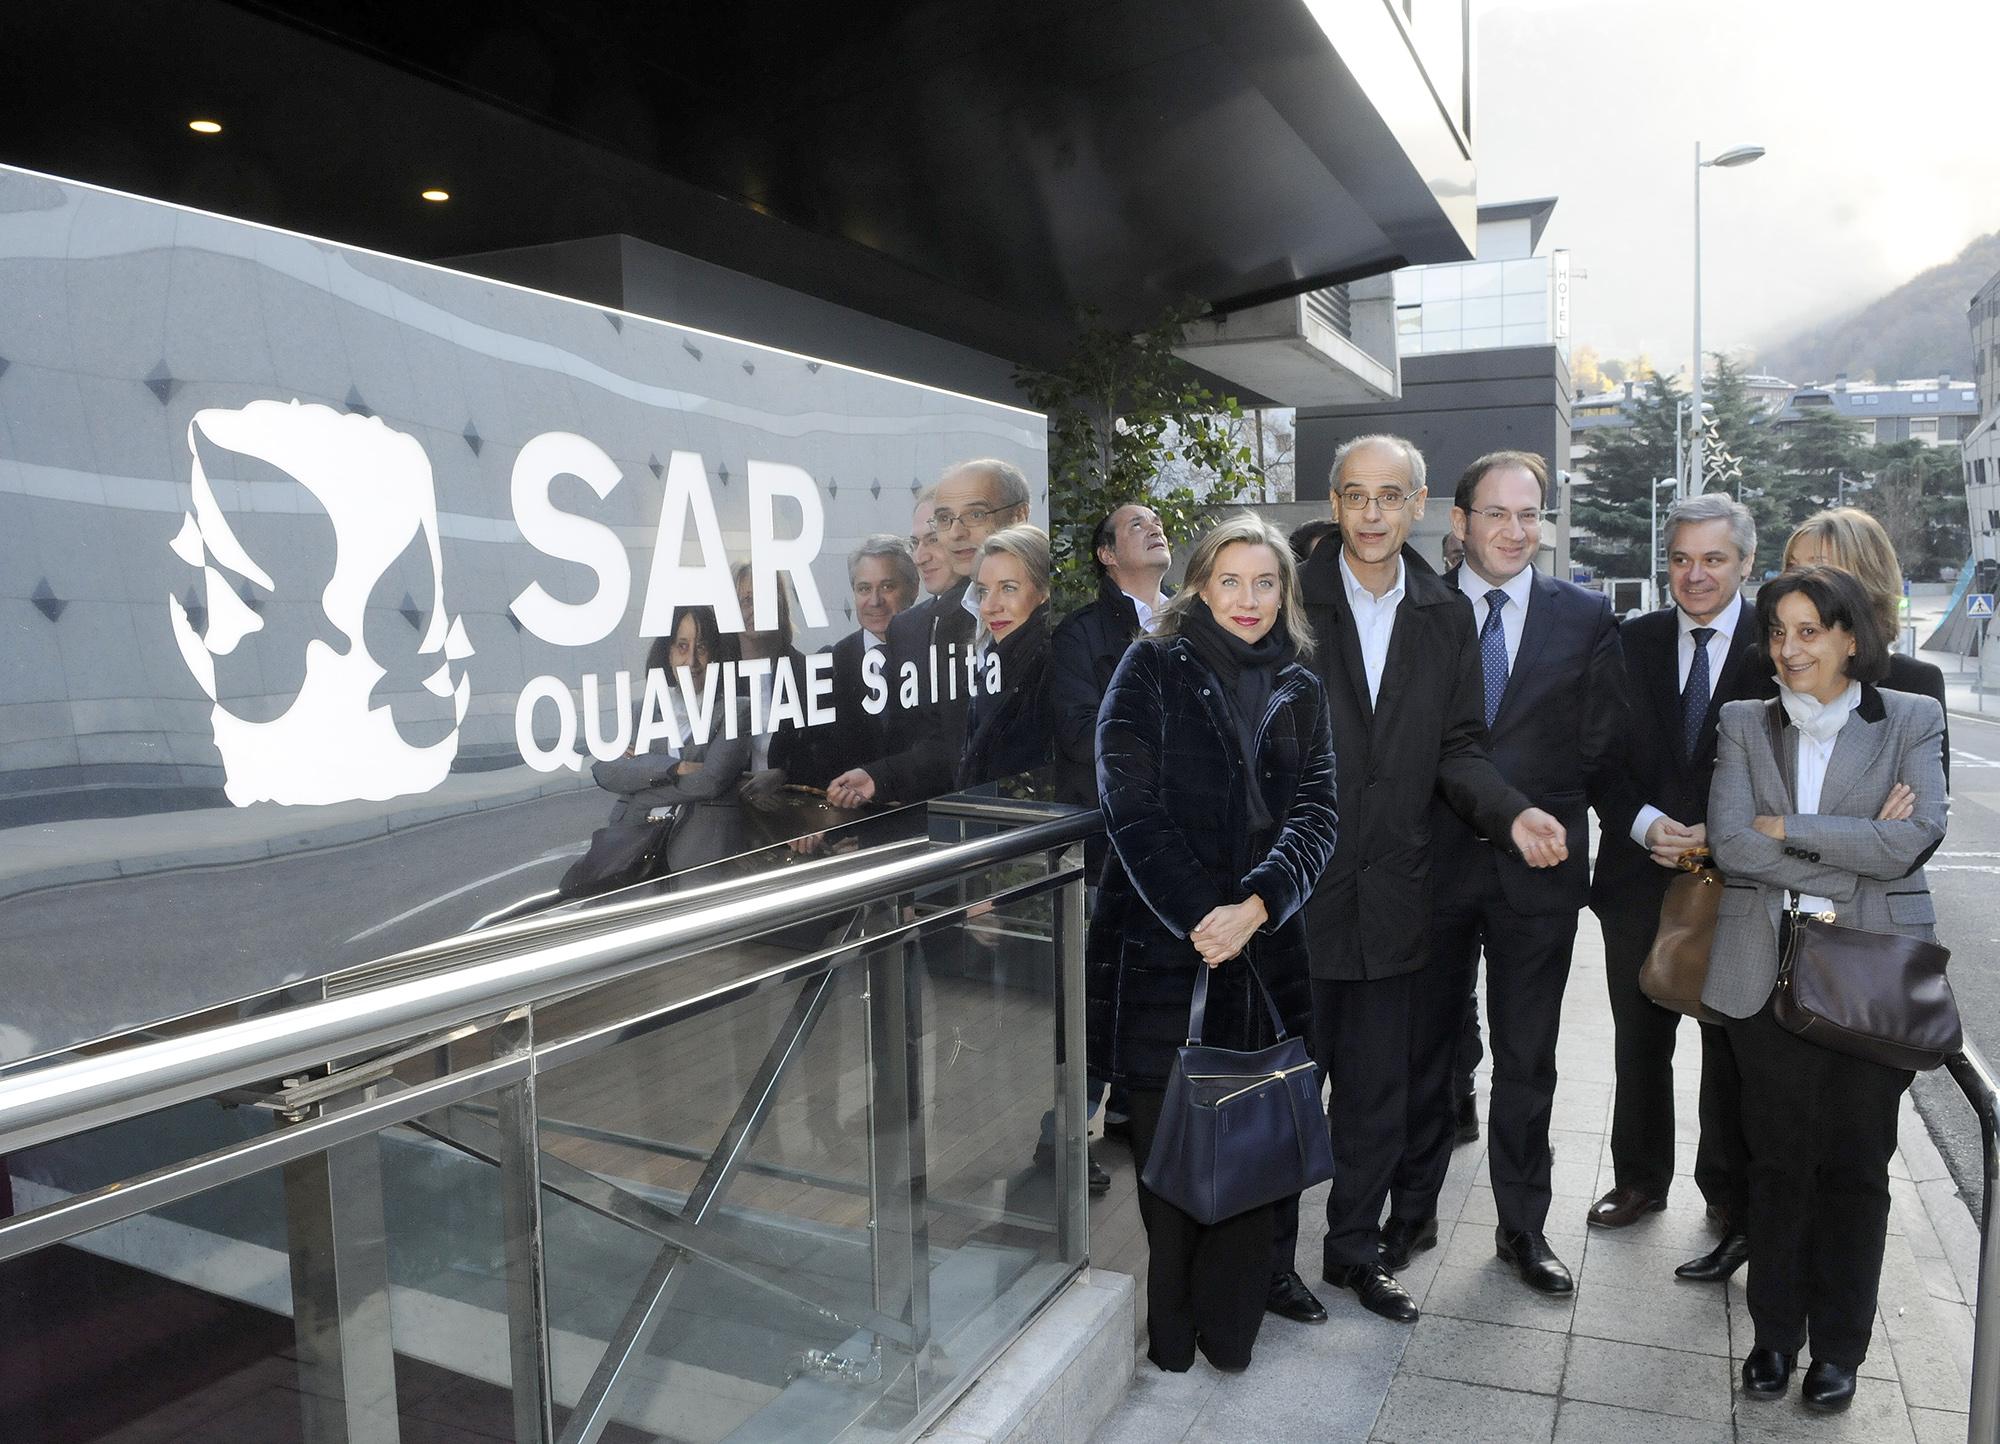 Visita centre sociosanitari La Salita.04-12-2015